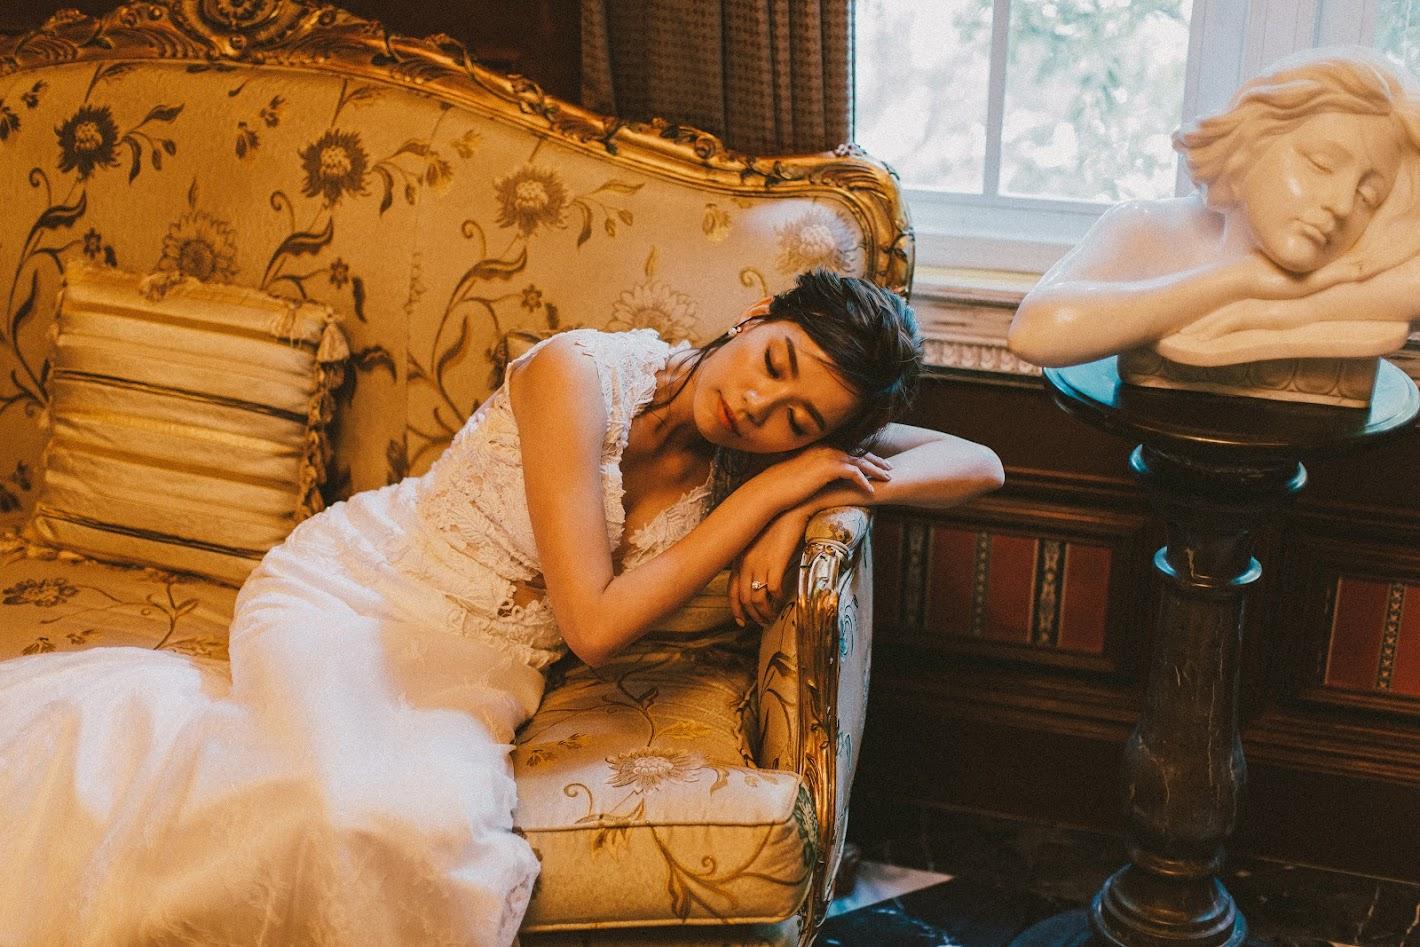 老英格蘭 婚紗,AG美式婚紗,AG自助婚紗,Fine art婚紗,自主婚紗,女婚攝 主郁,美式婚禮攝影,美式婚禮紀錄,婚禮紀實,Amazing Grace攝影美學,台中自助婚紗推薦,自然清新 婚紗